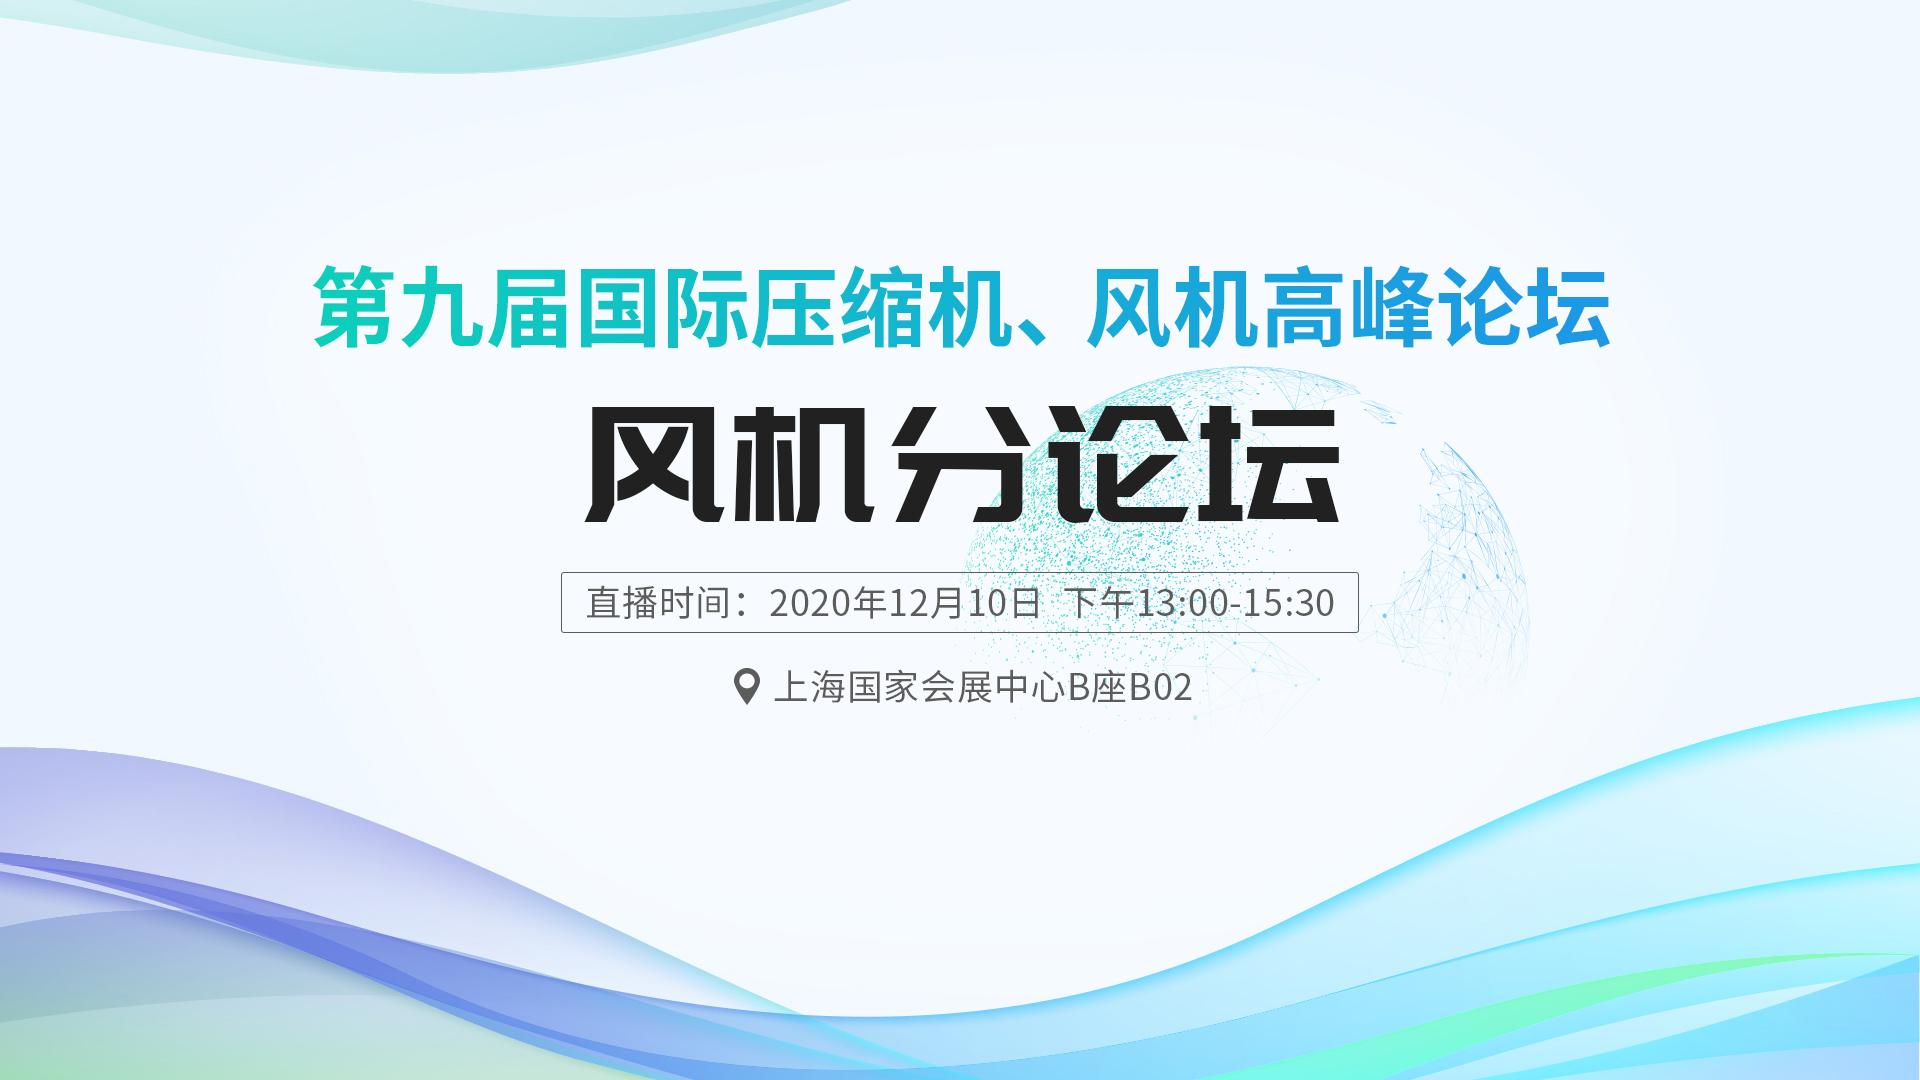 【風機分論壇】第九屆國際壓縮機、風機高峰論壇